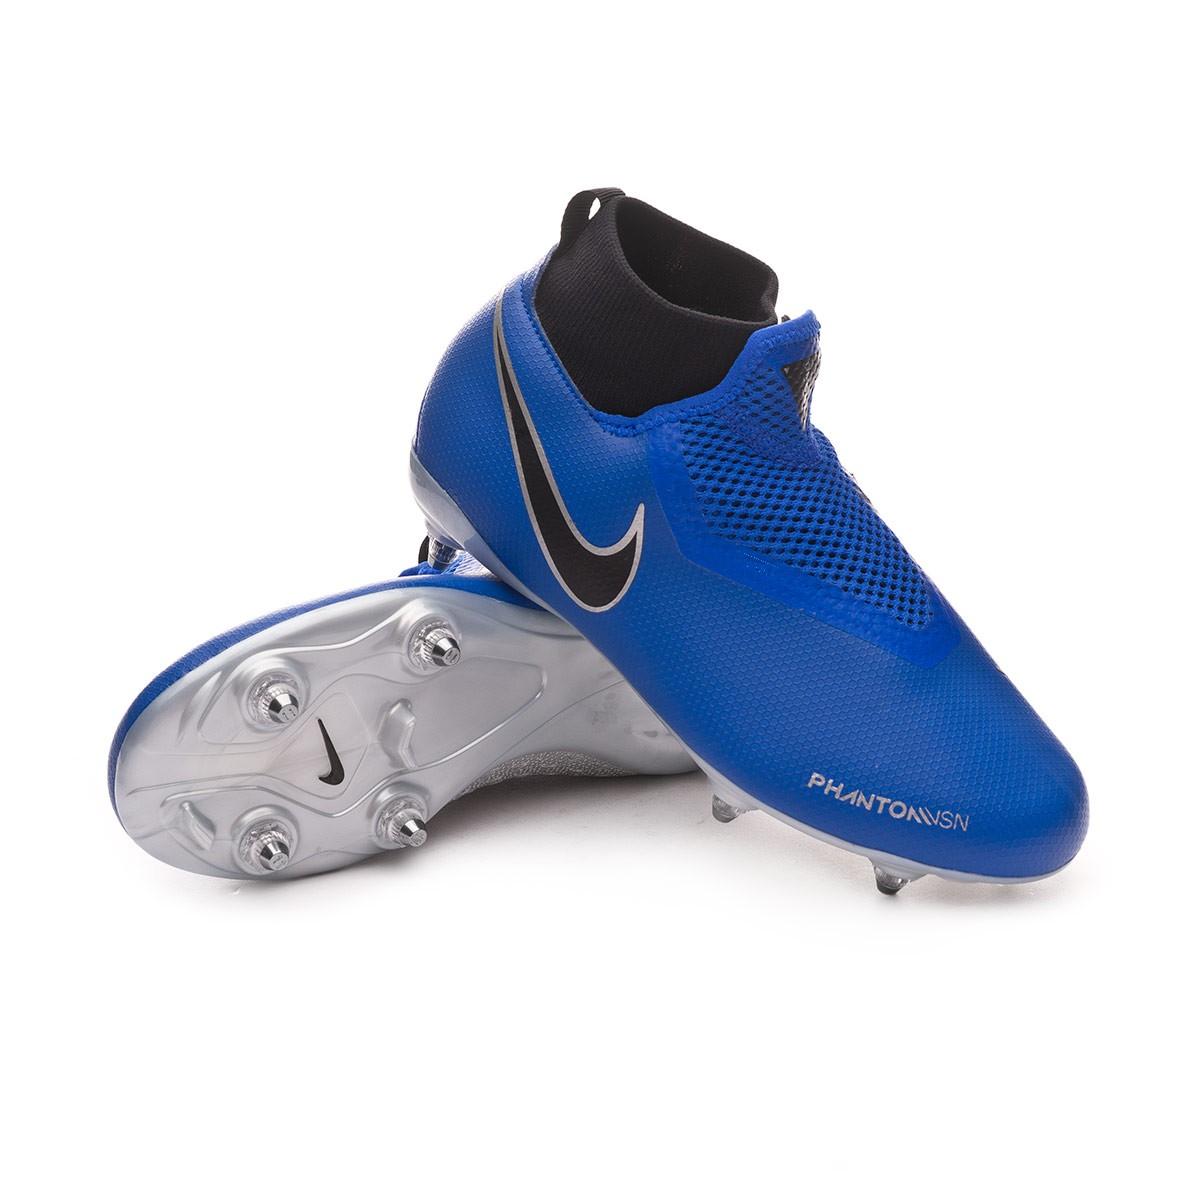 4f9017c7e5d4e Football Boots Nike Kids Phantom Vision Academy DF SG Racer blue ...